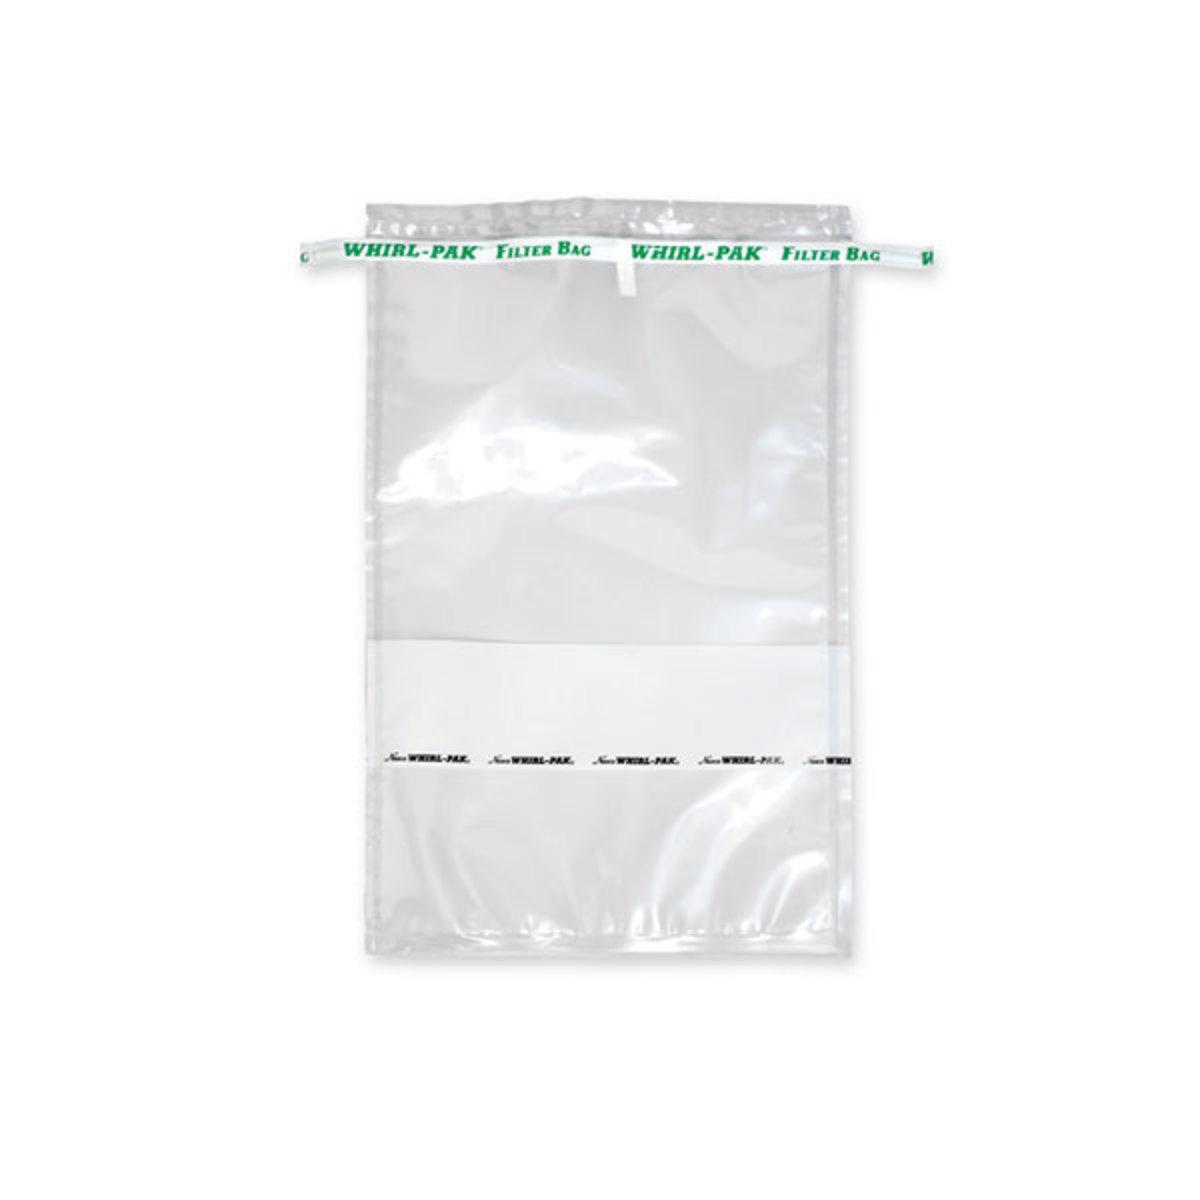 Стерильные пакеты с фильтром для обработки проб Whirl Pak (710 мл)